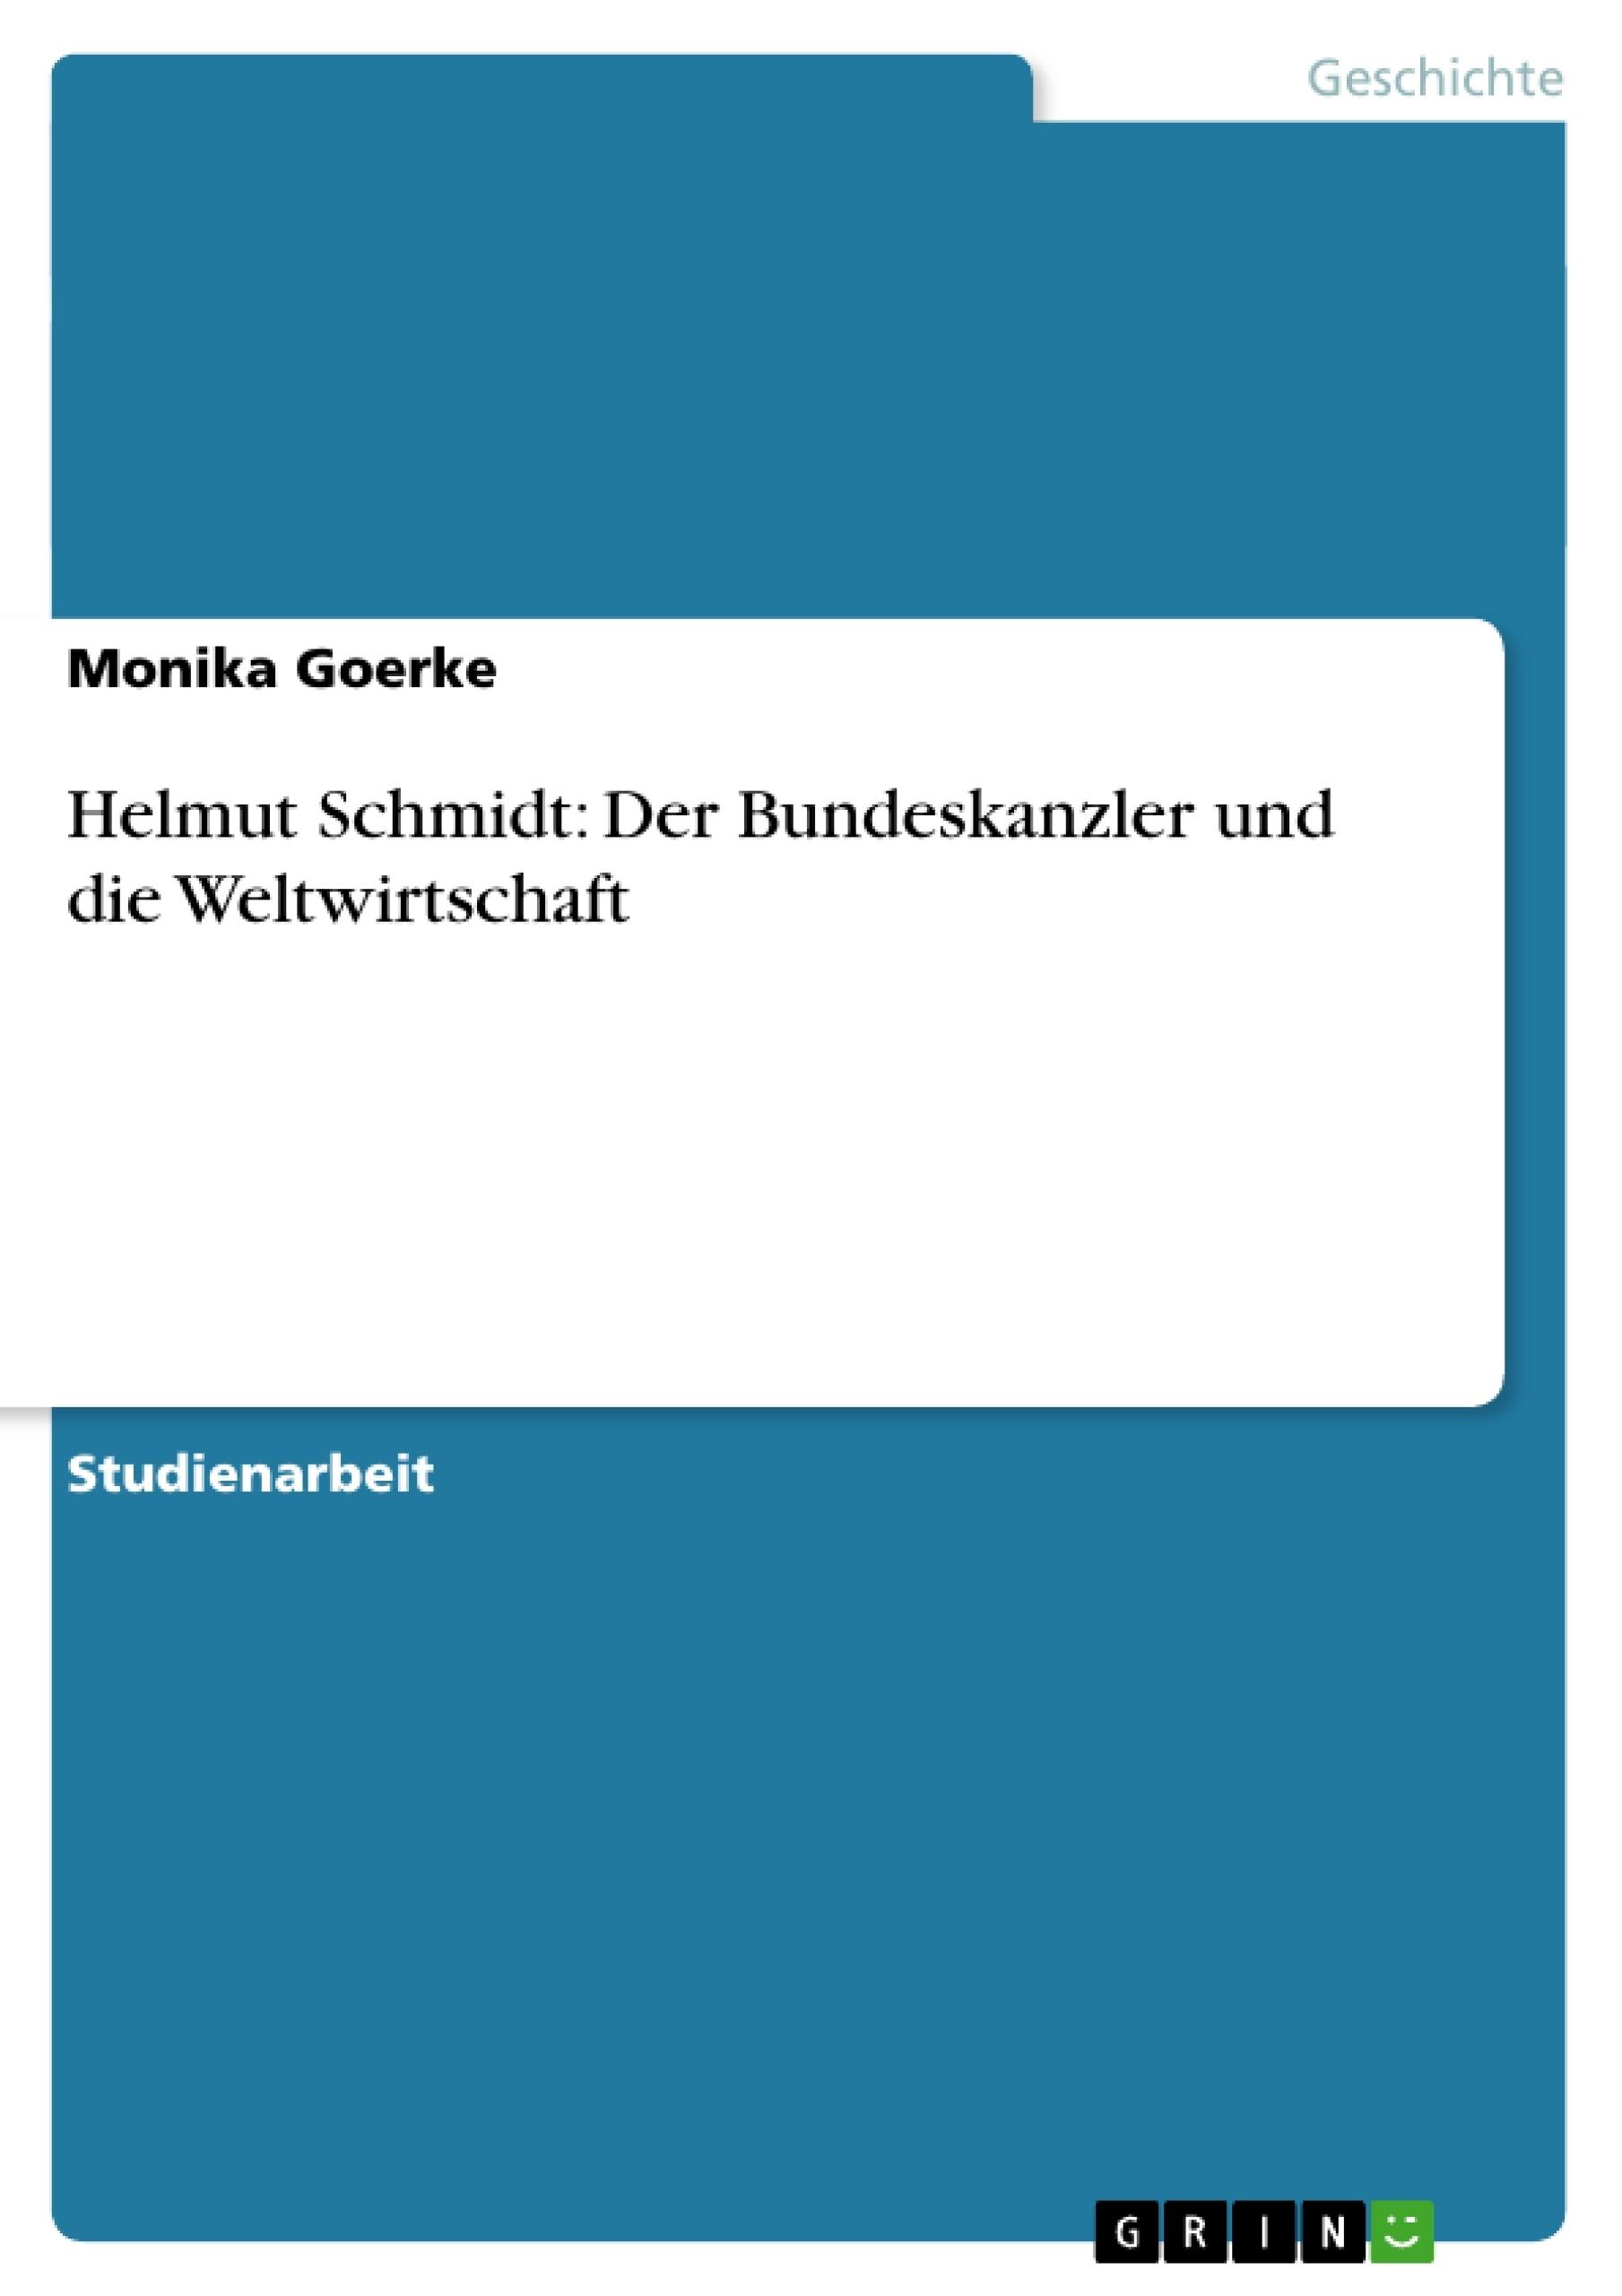 Titel: Helmut Schmidt: Der Bundeskanzler und die Weltwirtschaft